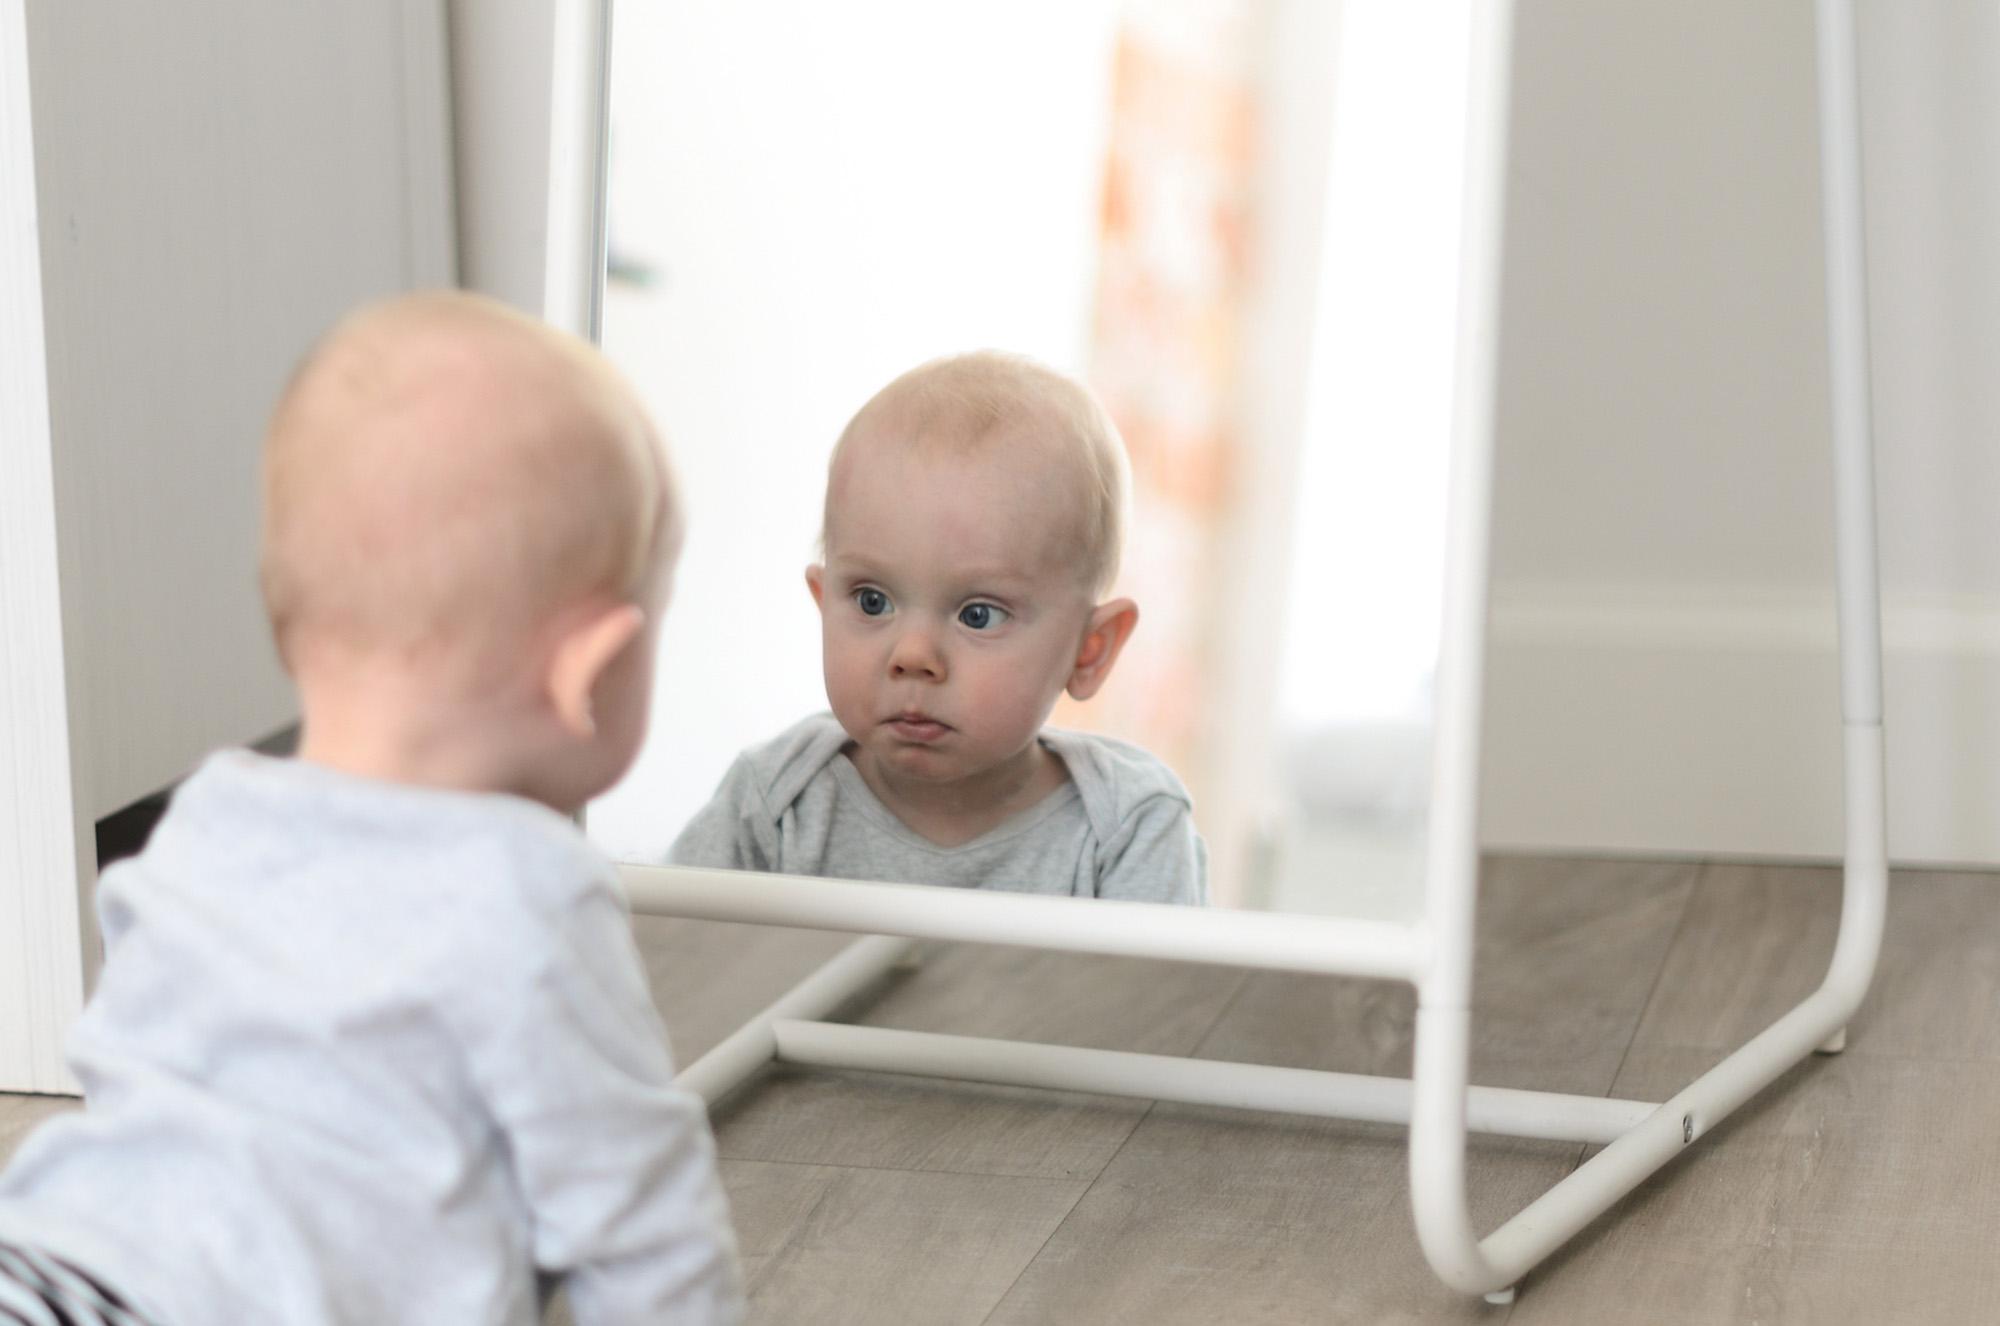 Bebê fofo divertido se vendo no espelho